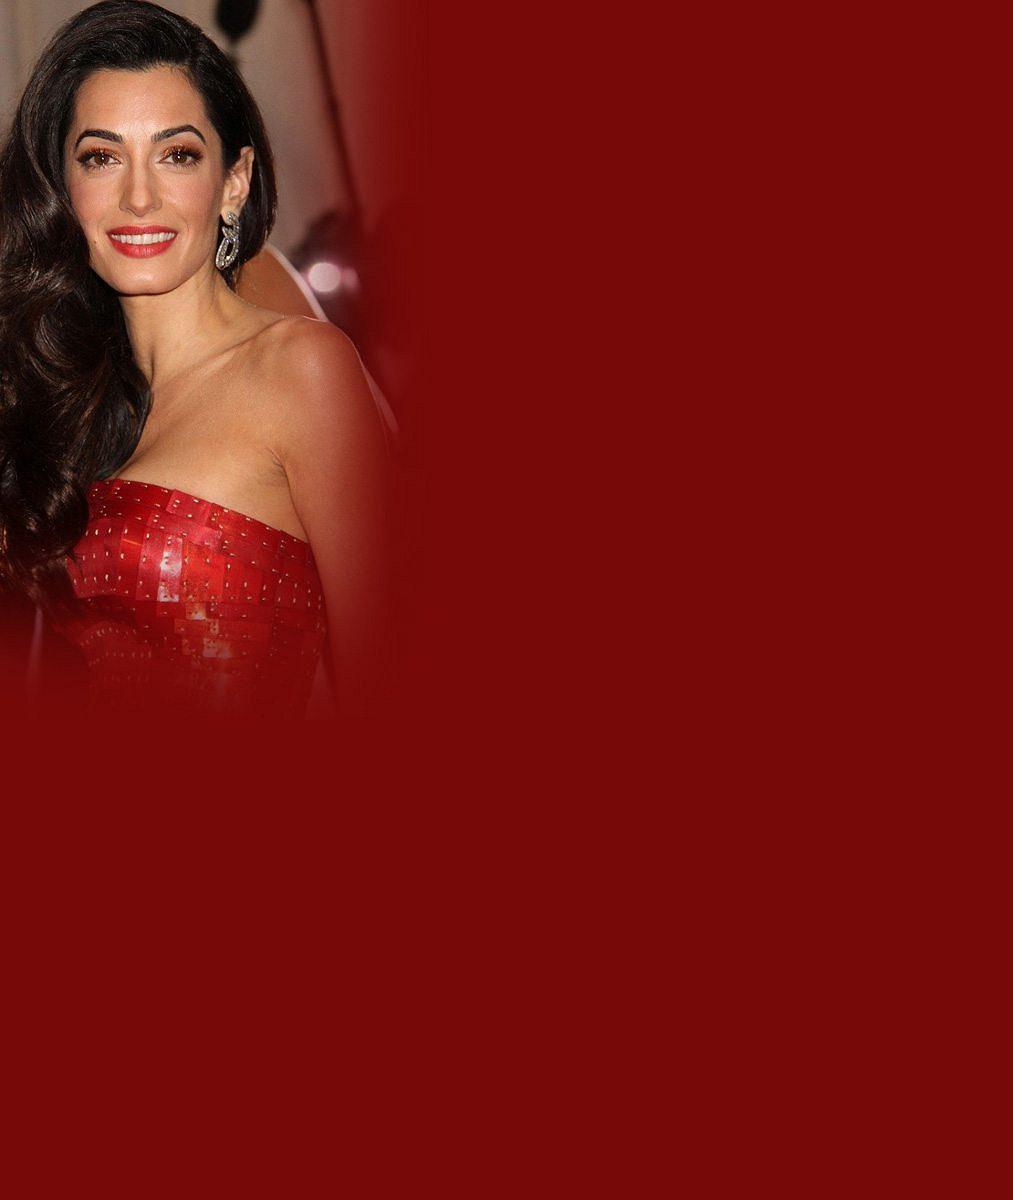 George Clooney se svatbě a dětem dlouho bránil: S krásnou manželkou, která mu porodila dvojčata, je teď v sedmém nebi